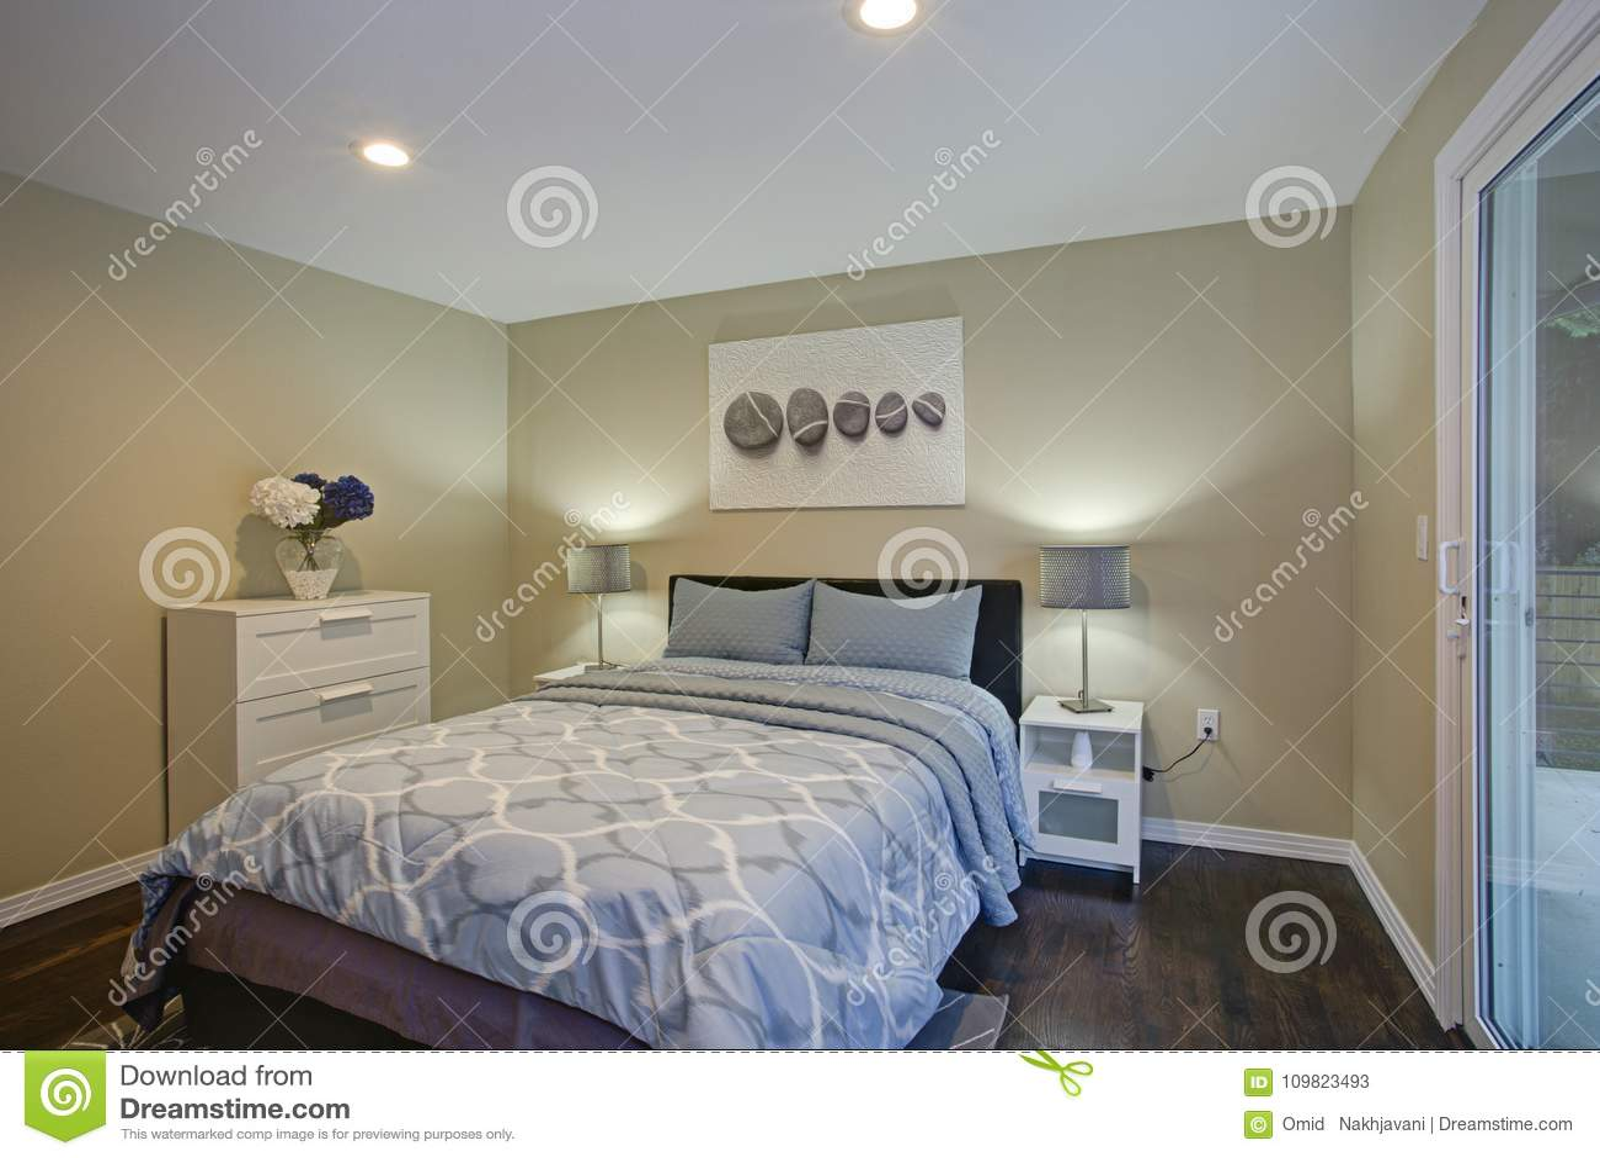 Camera Da Letto Blu : Consigli per arredare la camera da letto in blu